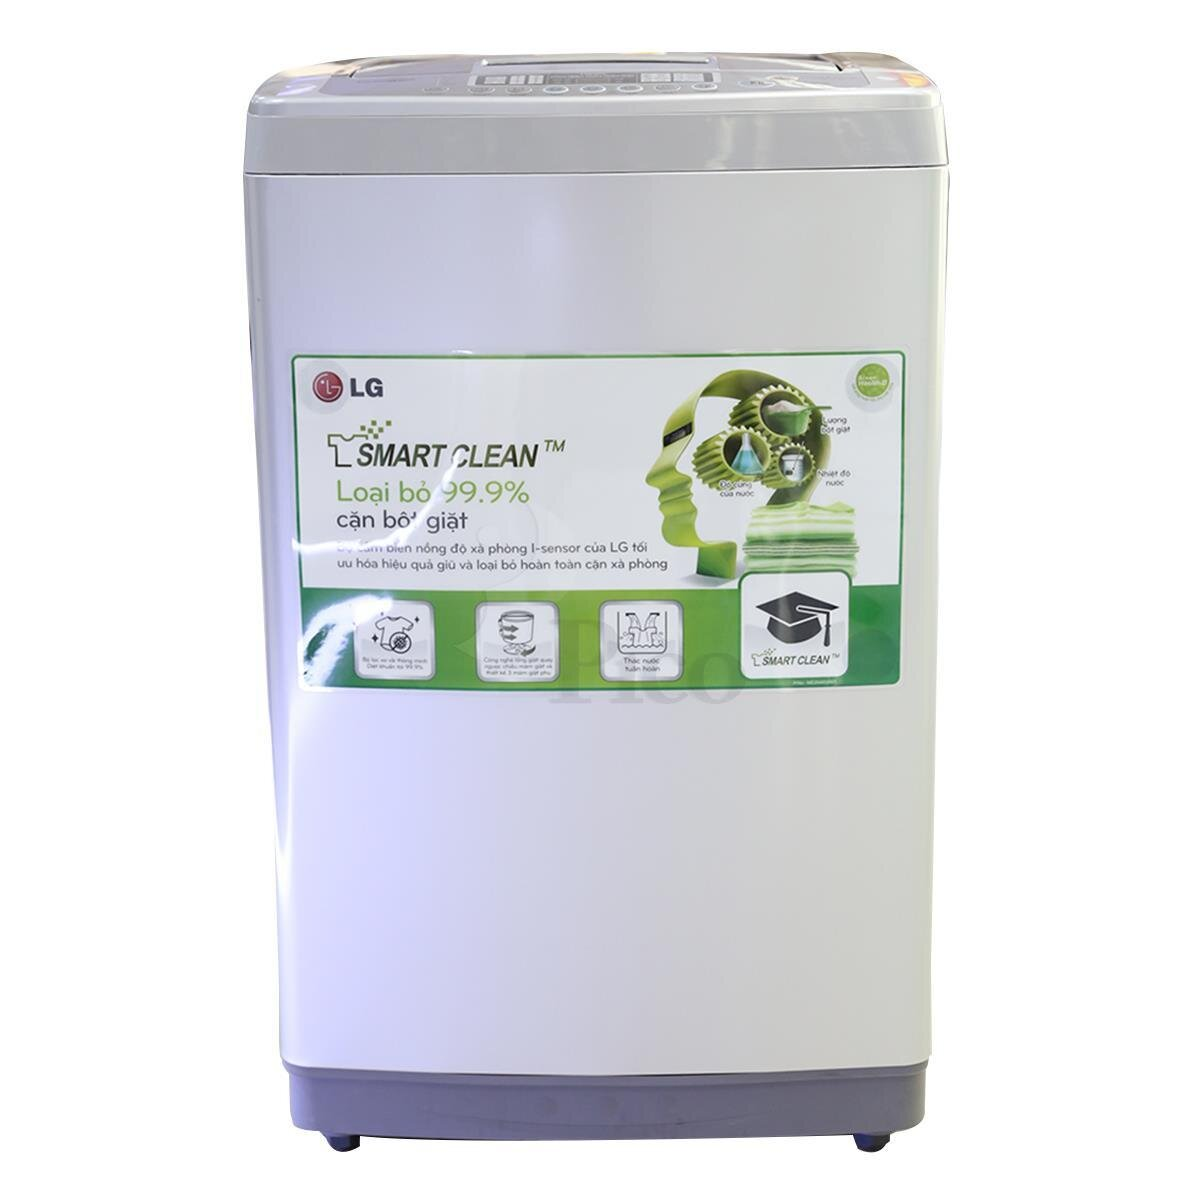 Máy giặt 5 triệu đồng LG WFS8419FS có tốt không ?